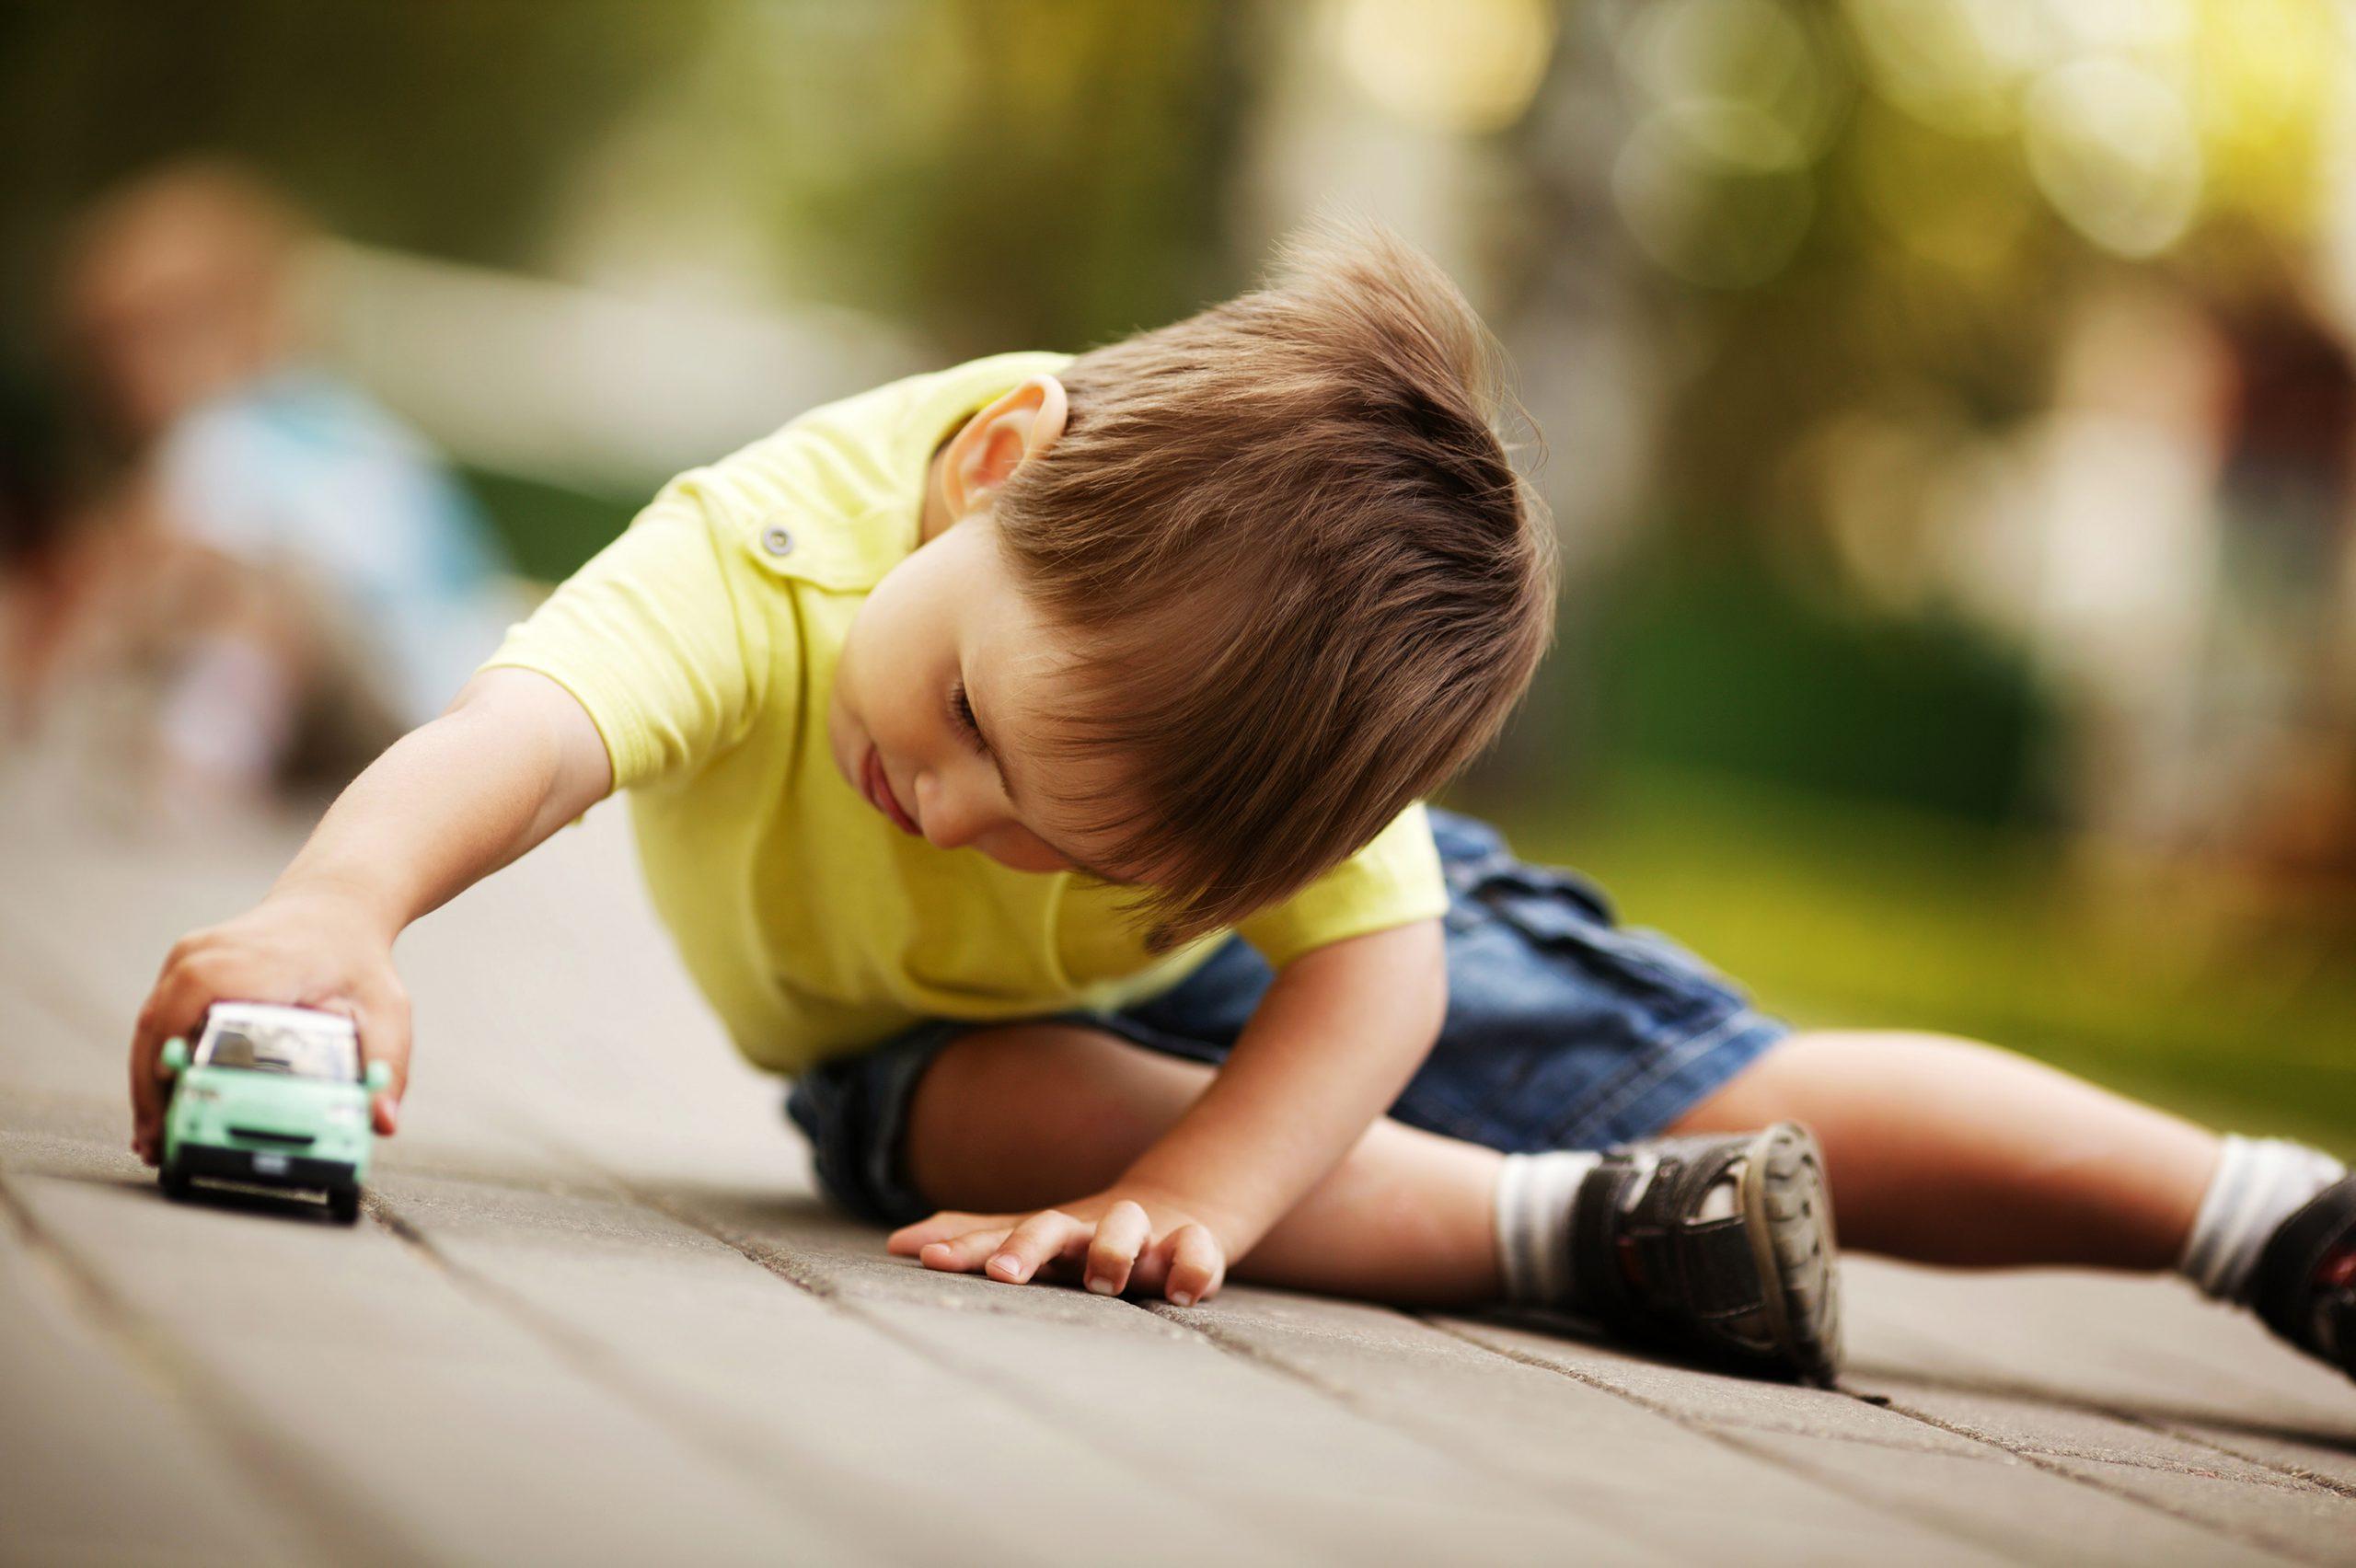 ΕΝΔΥΝΑΜΩΣΗ ΧΕΡΙΟΥ. 35 Διασκεδαστικές Δραστηριότητες για παιδιά